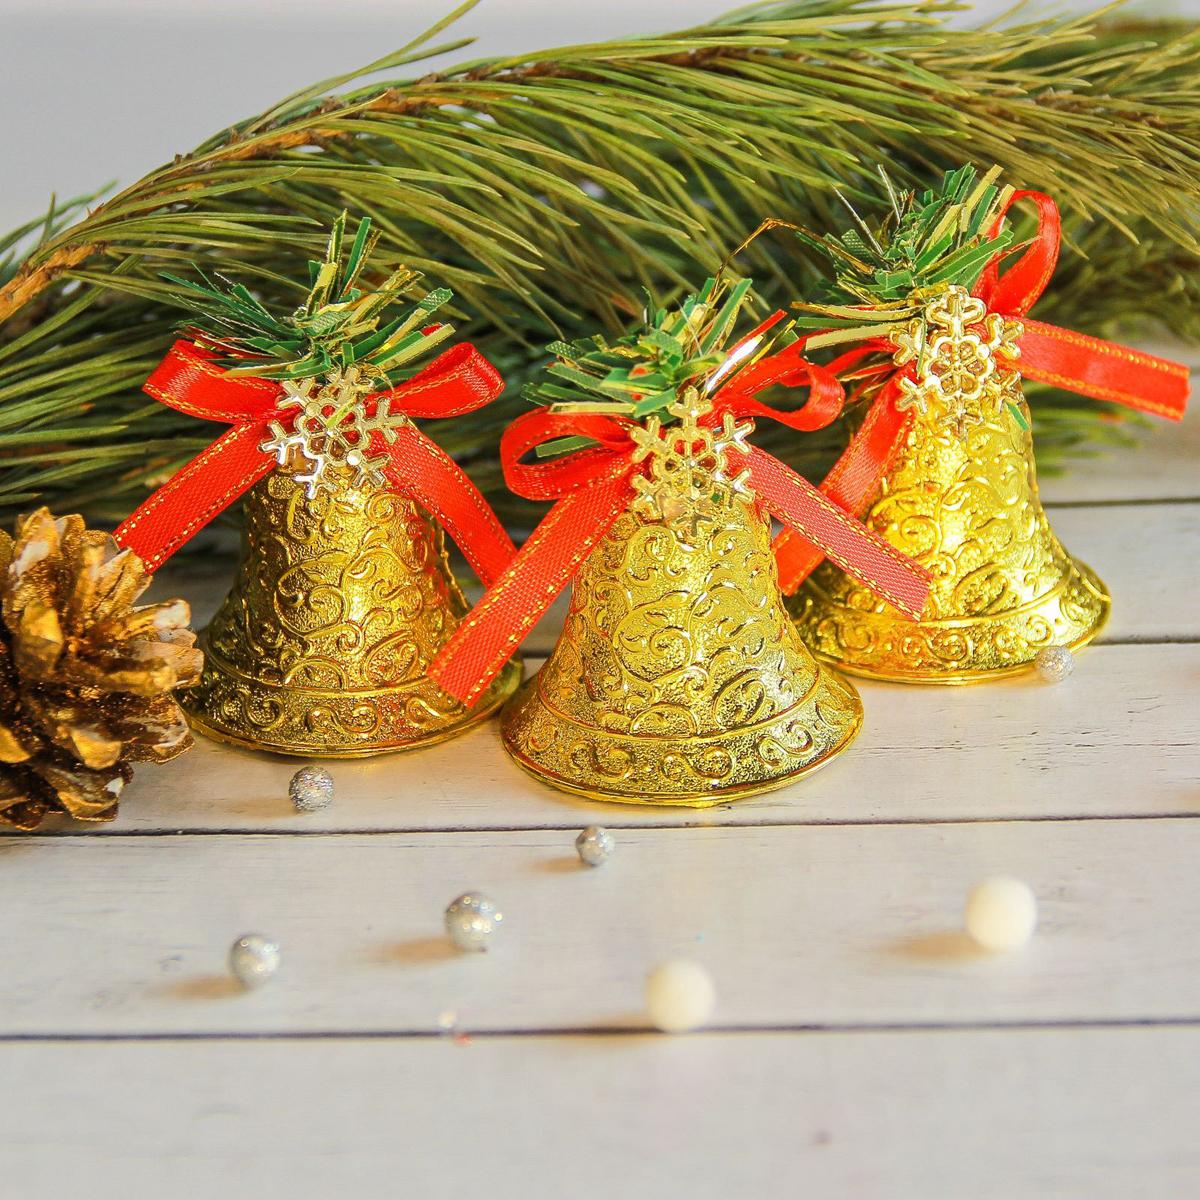 Украшение новогоднее елочное Sima-land Колокольчики со снежинкой , 4,5 х 4,5 см, 6 шт2372159Невозможно представить нашу жизнь без праздников! Мы всегда ждём их и предвкушаем, обдумываем, как проведём памятный день, тщательно выбираем подарки и аксессуары, ведь именно они создают и поддерживают торжественный настрой.